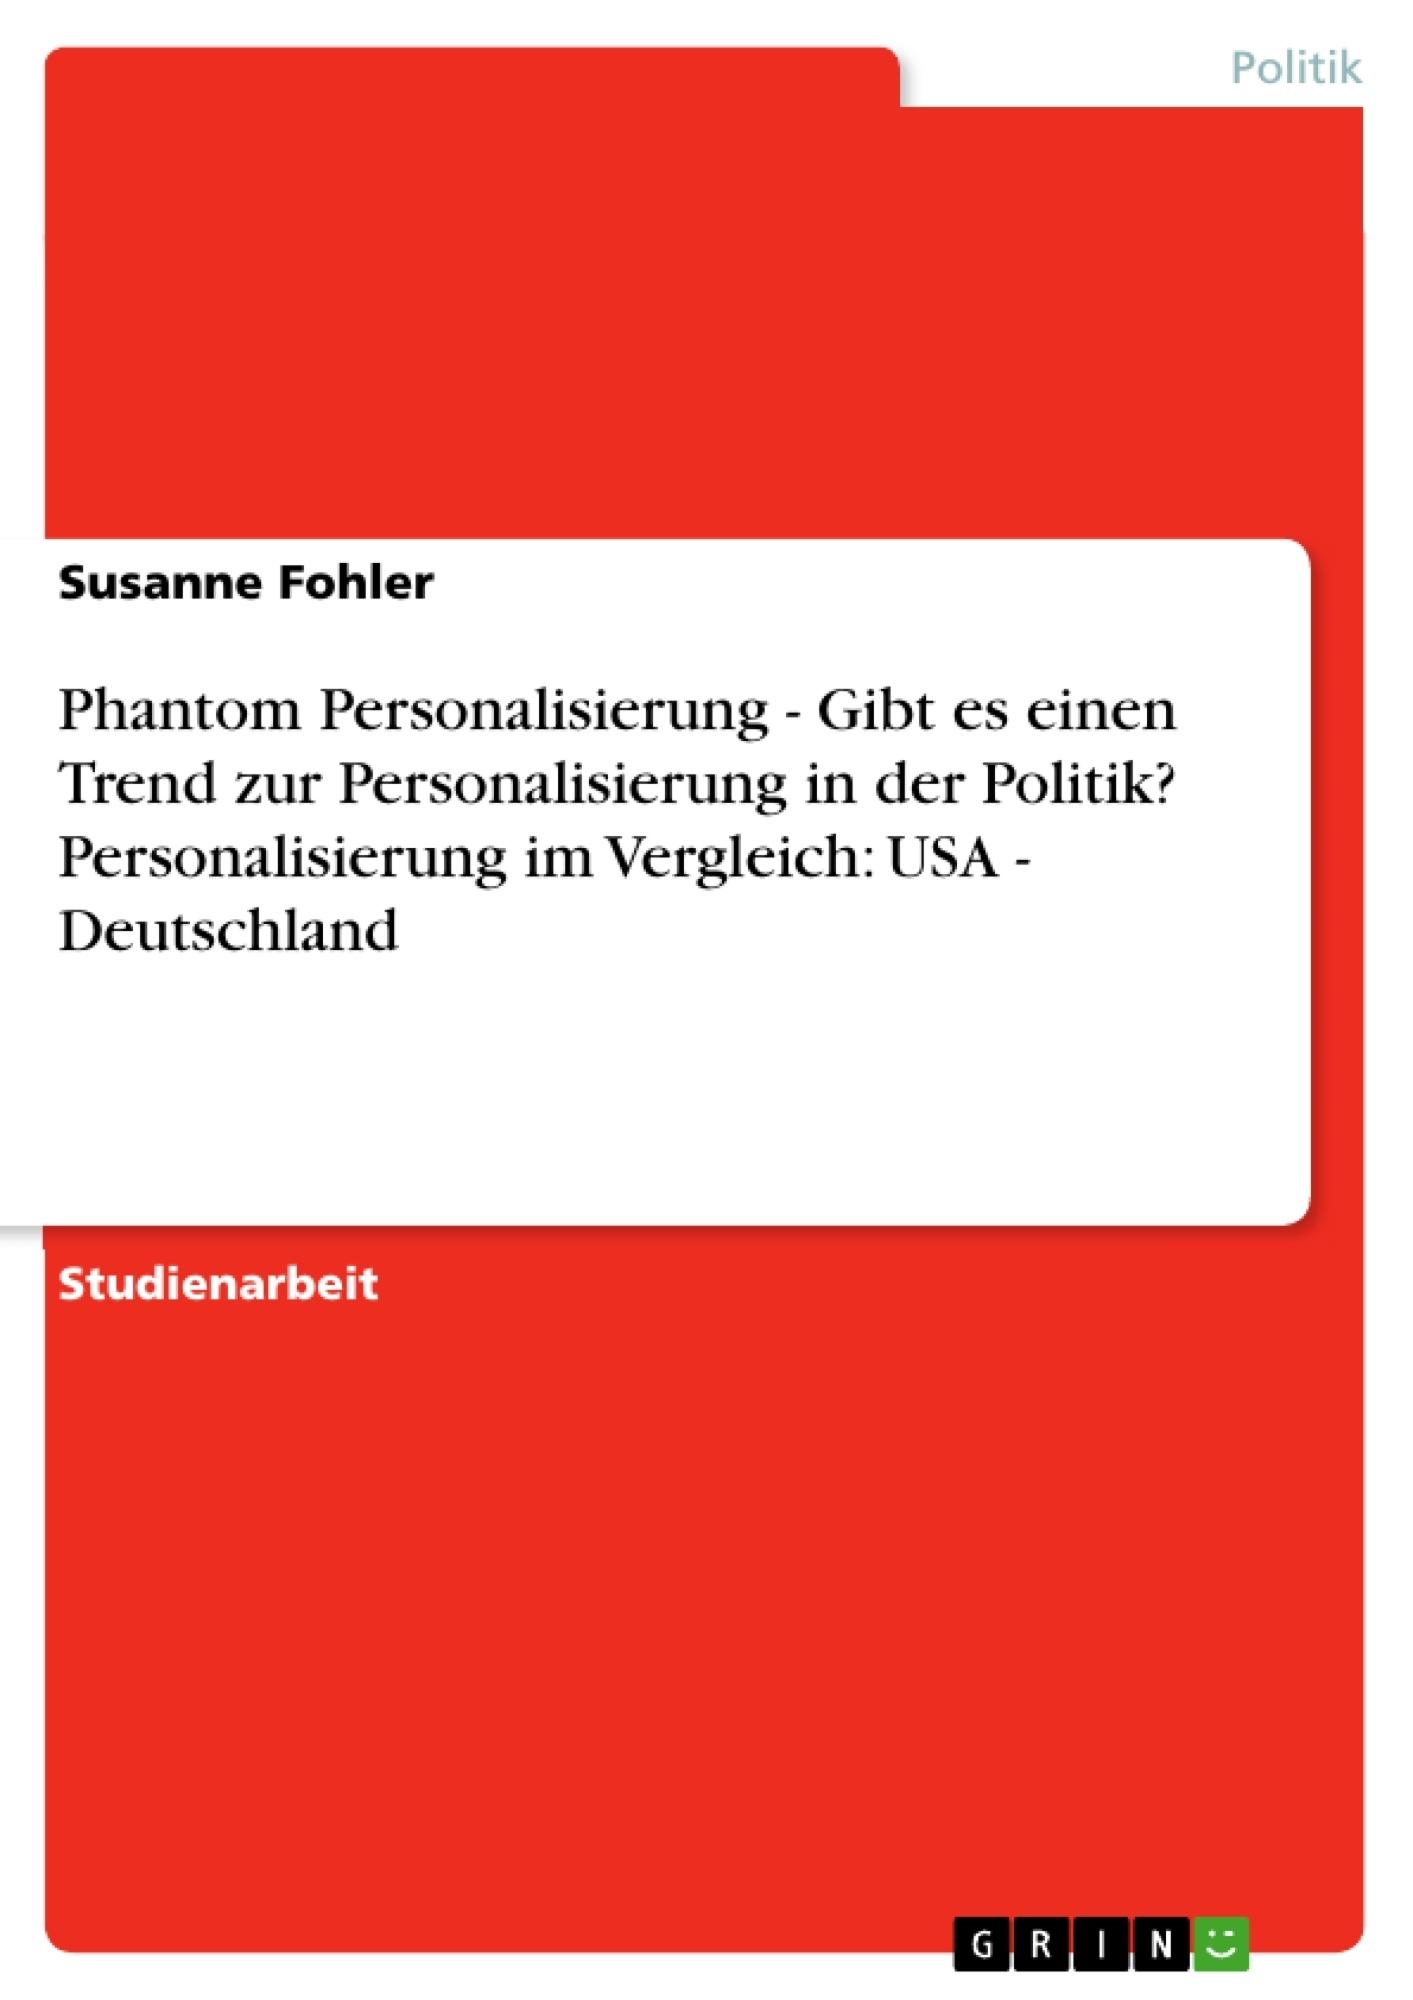 Titel: Phantom Personalisierung - Gibt es einen Trend zur Personalisierung in der Politik? Personalisierung im Vergleich: USA - Deutschland